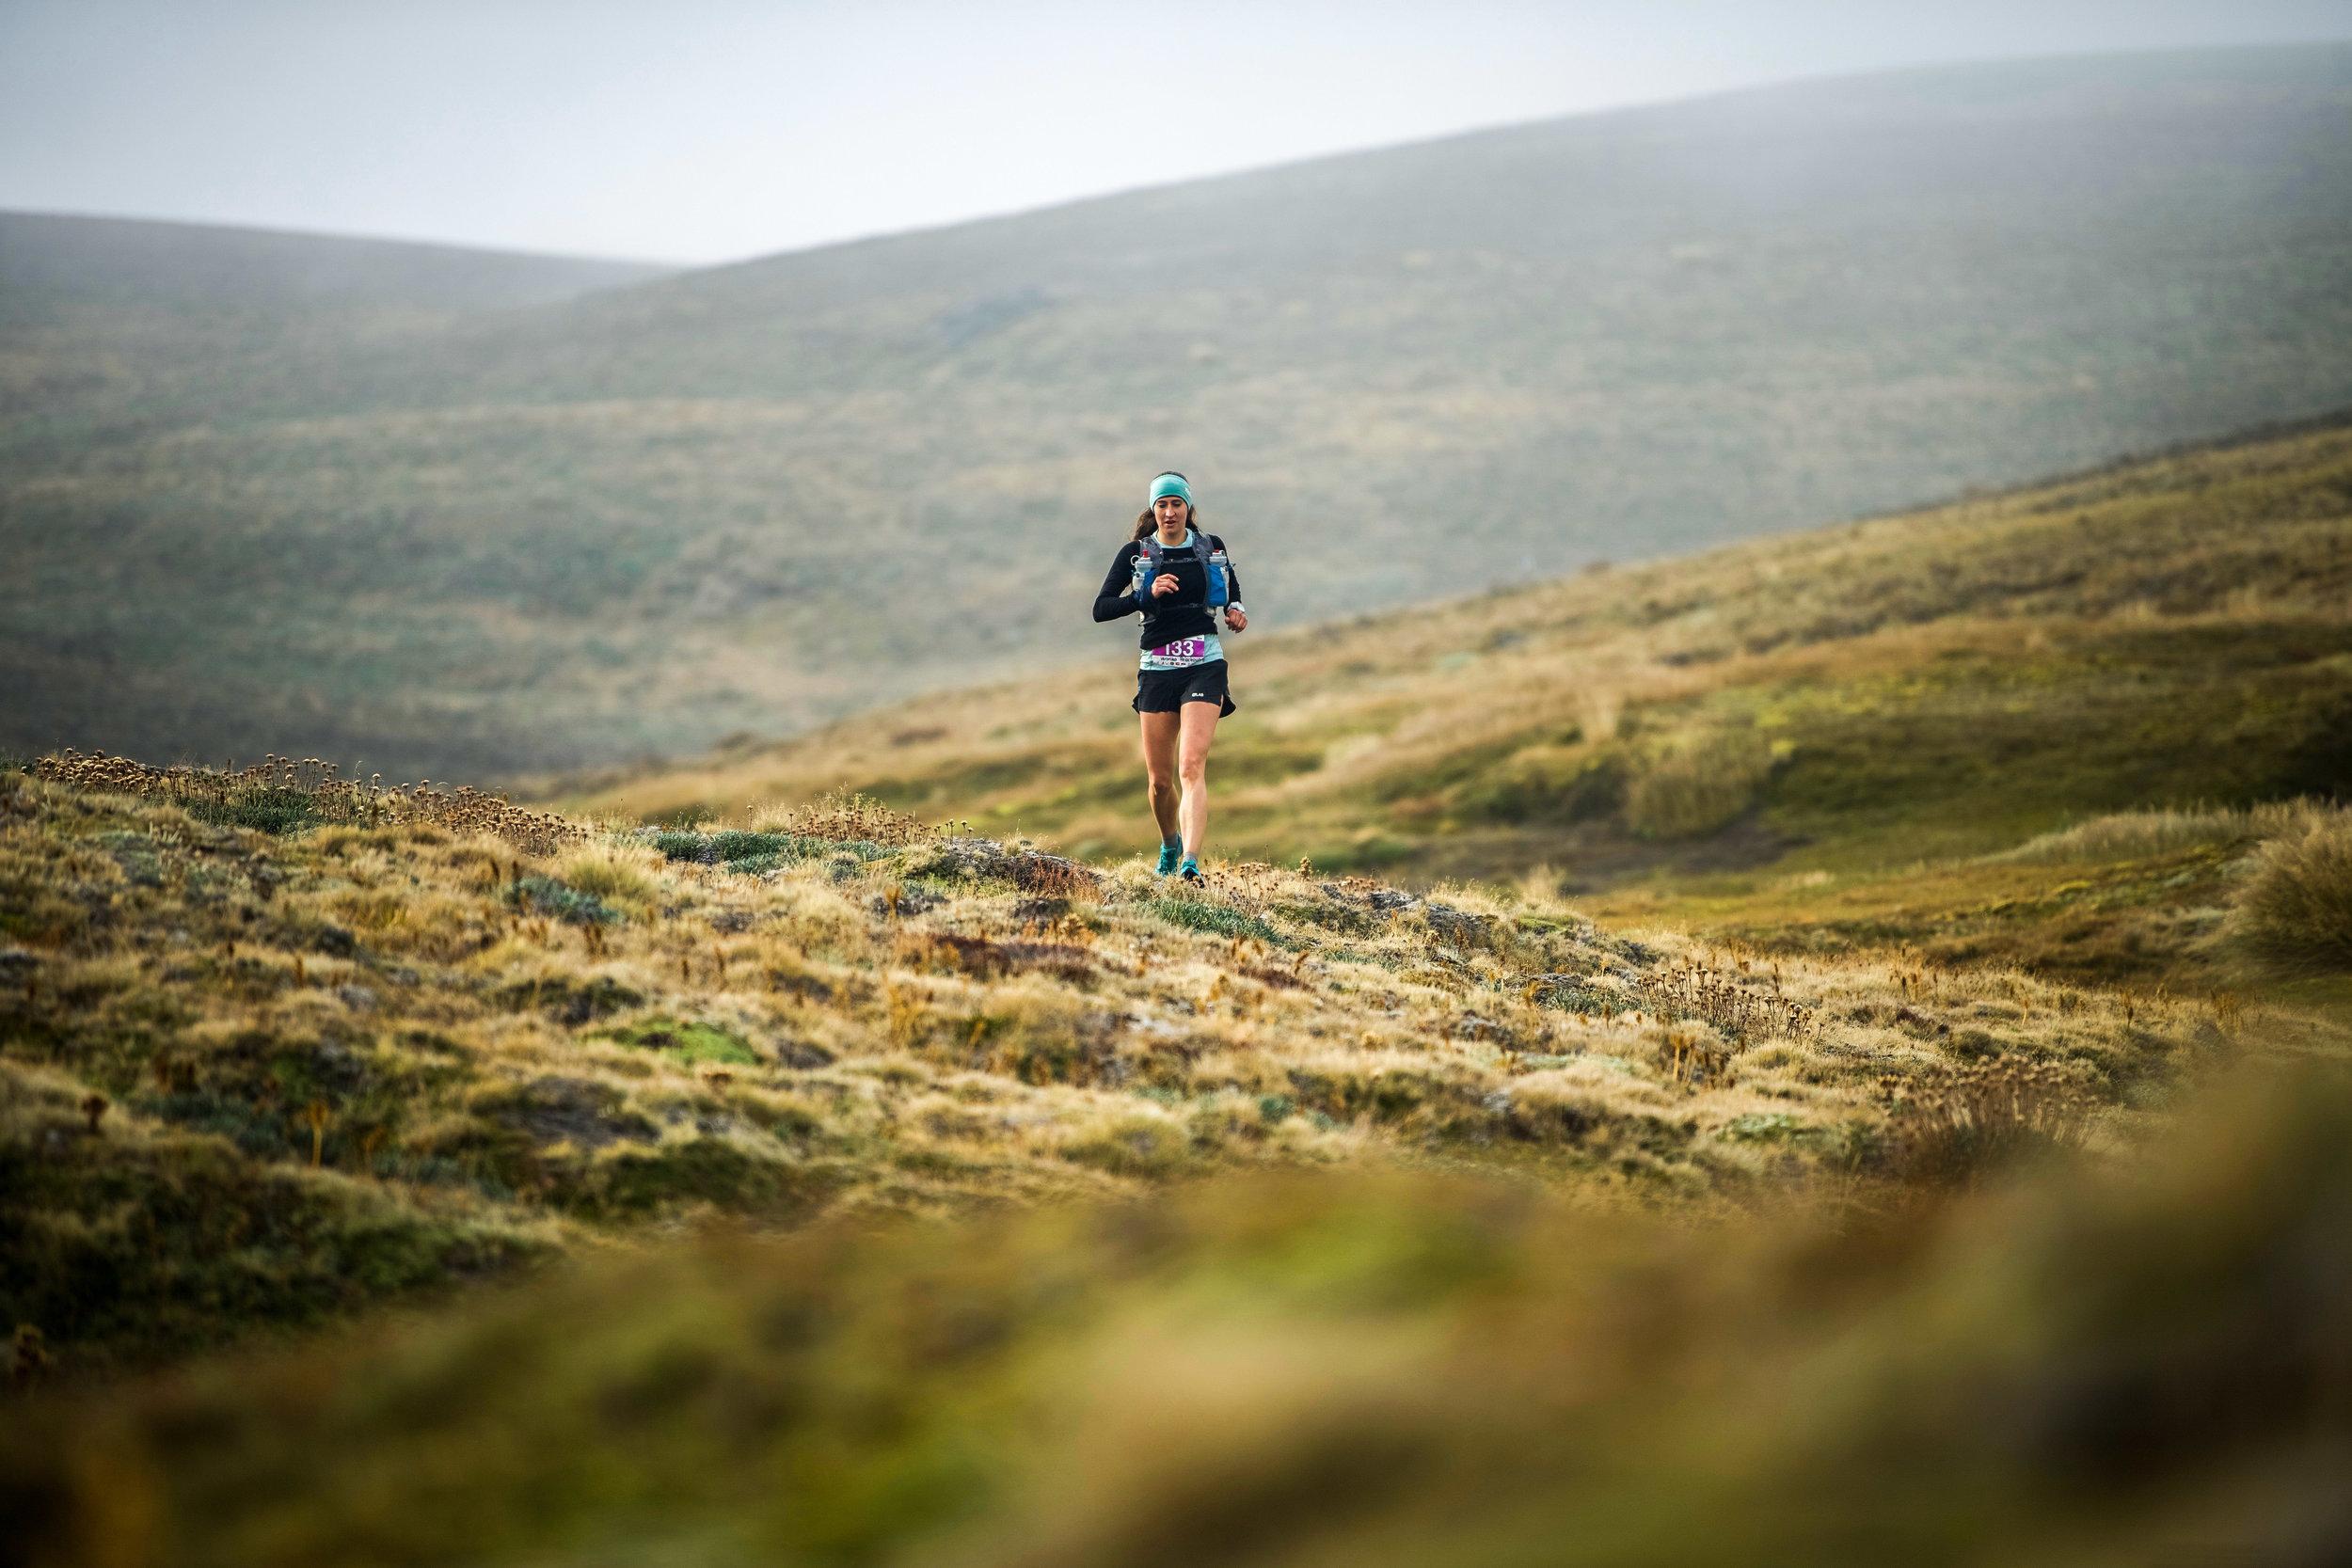 Trail+Run-+TP+(2+of+2).jpg